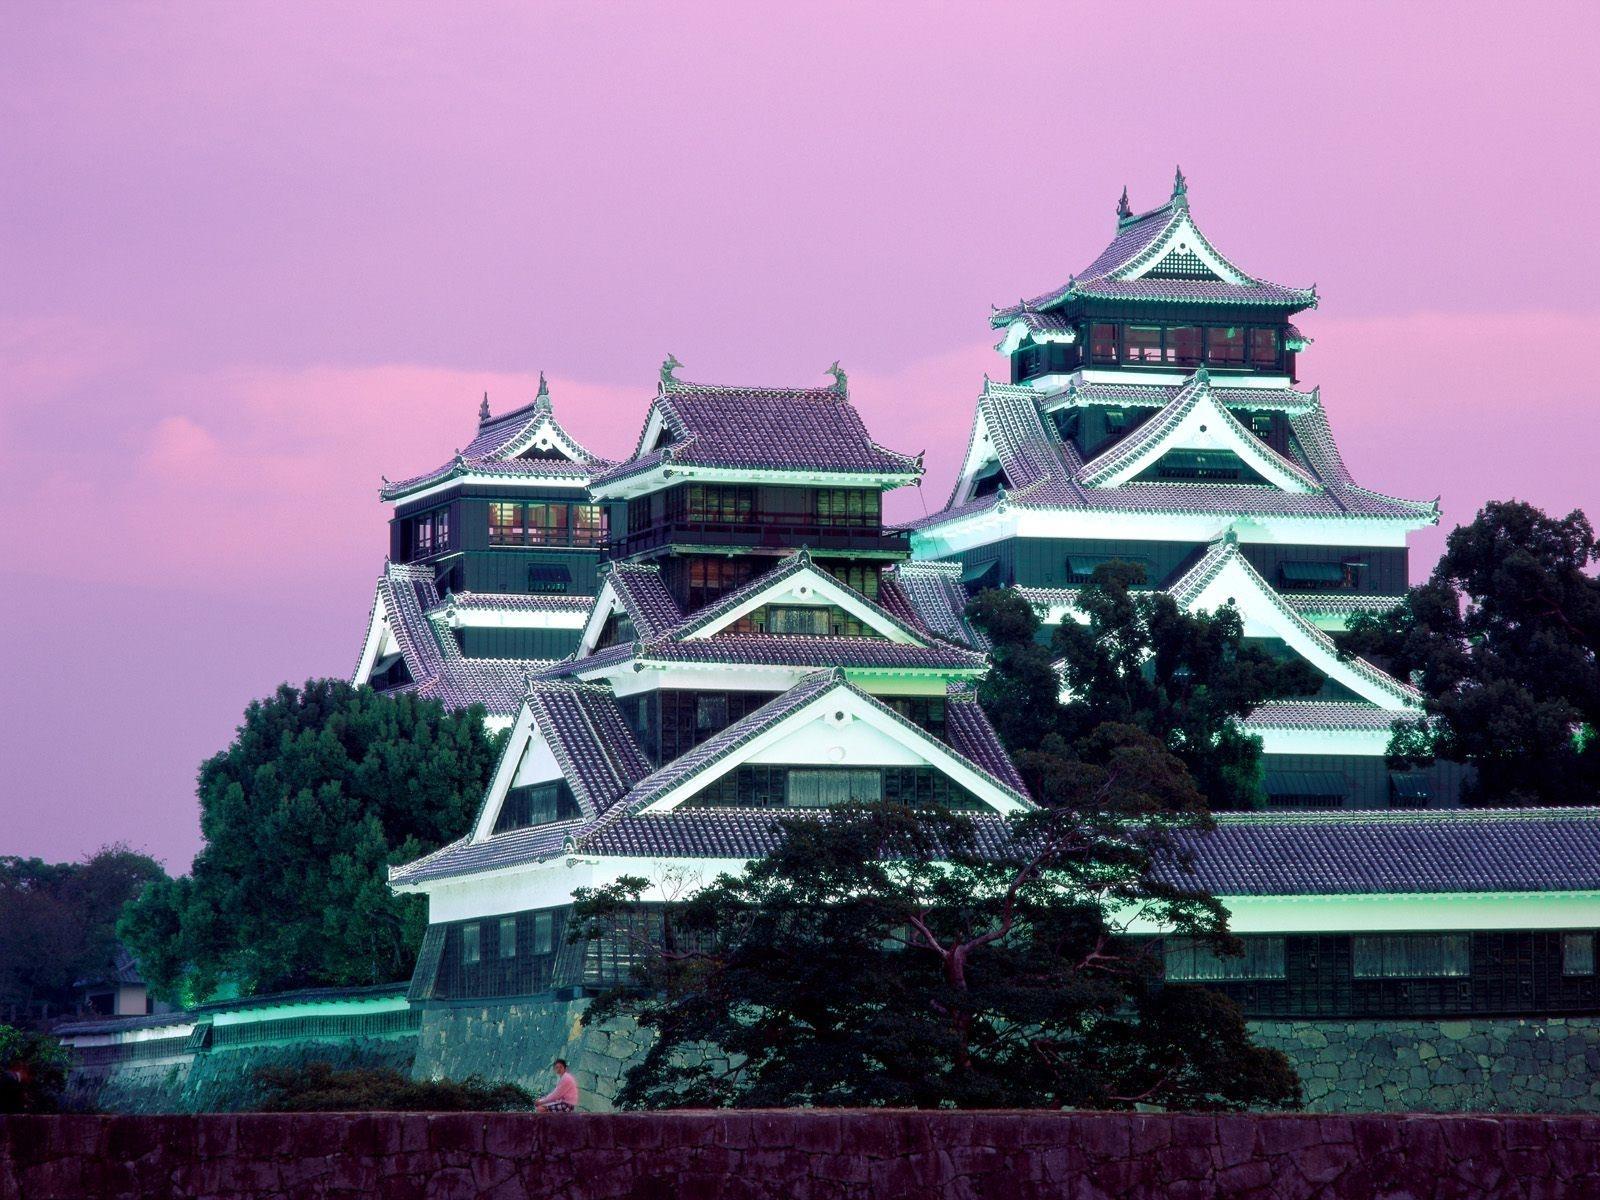 10350 скачать обои Пейзаж, Дома, Архитектура, Азия - заставки и картинки бесплатно